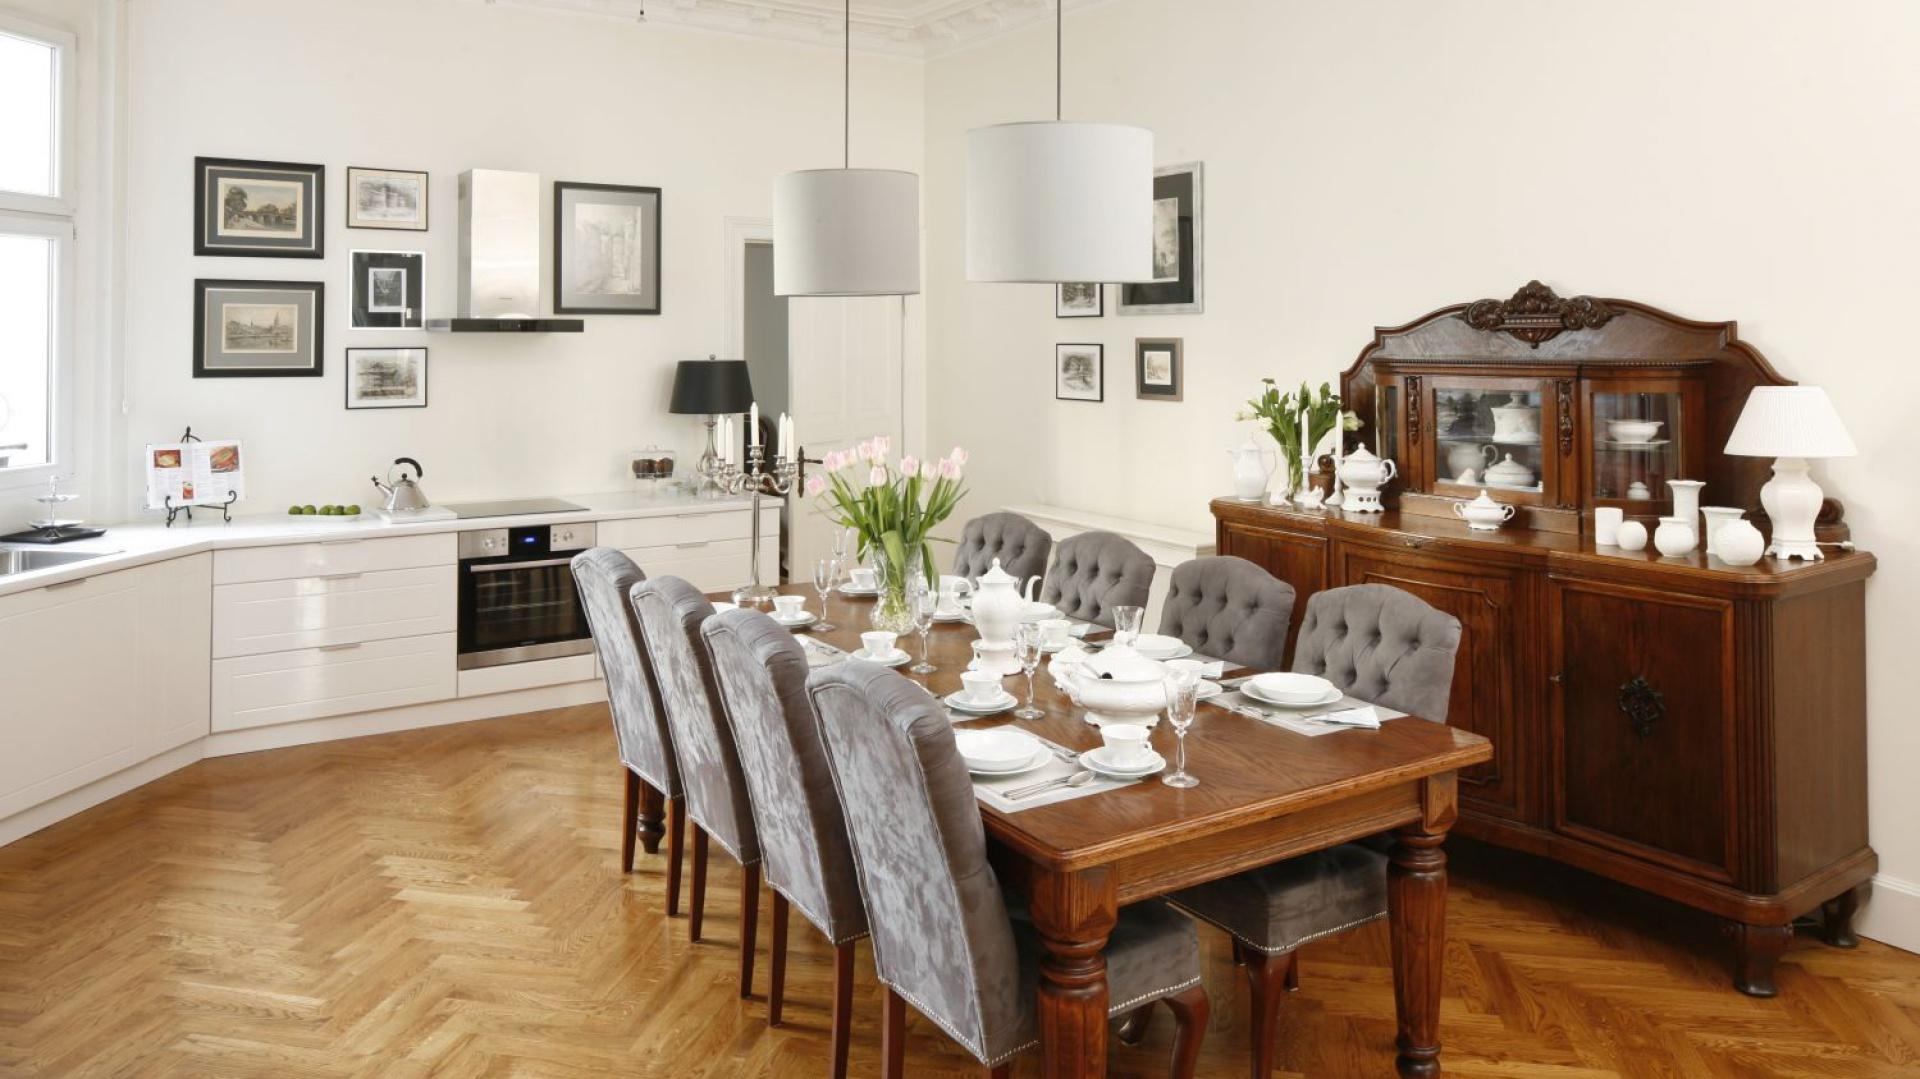 Mieszkanie w starej kamienicy zostało urządzone w mieszance stylów: nowoczesnym i klasycznym. Jadalnię urządzono w kuchni - ta jest biała i stanowi jasne tło dla bardziej solidnych, drewnianych mebli i tapicerowanych krzeseł w szarym kolorze. Projekt: Iwona Kurkowska. Fot. Bartosz Jarosz.